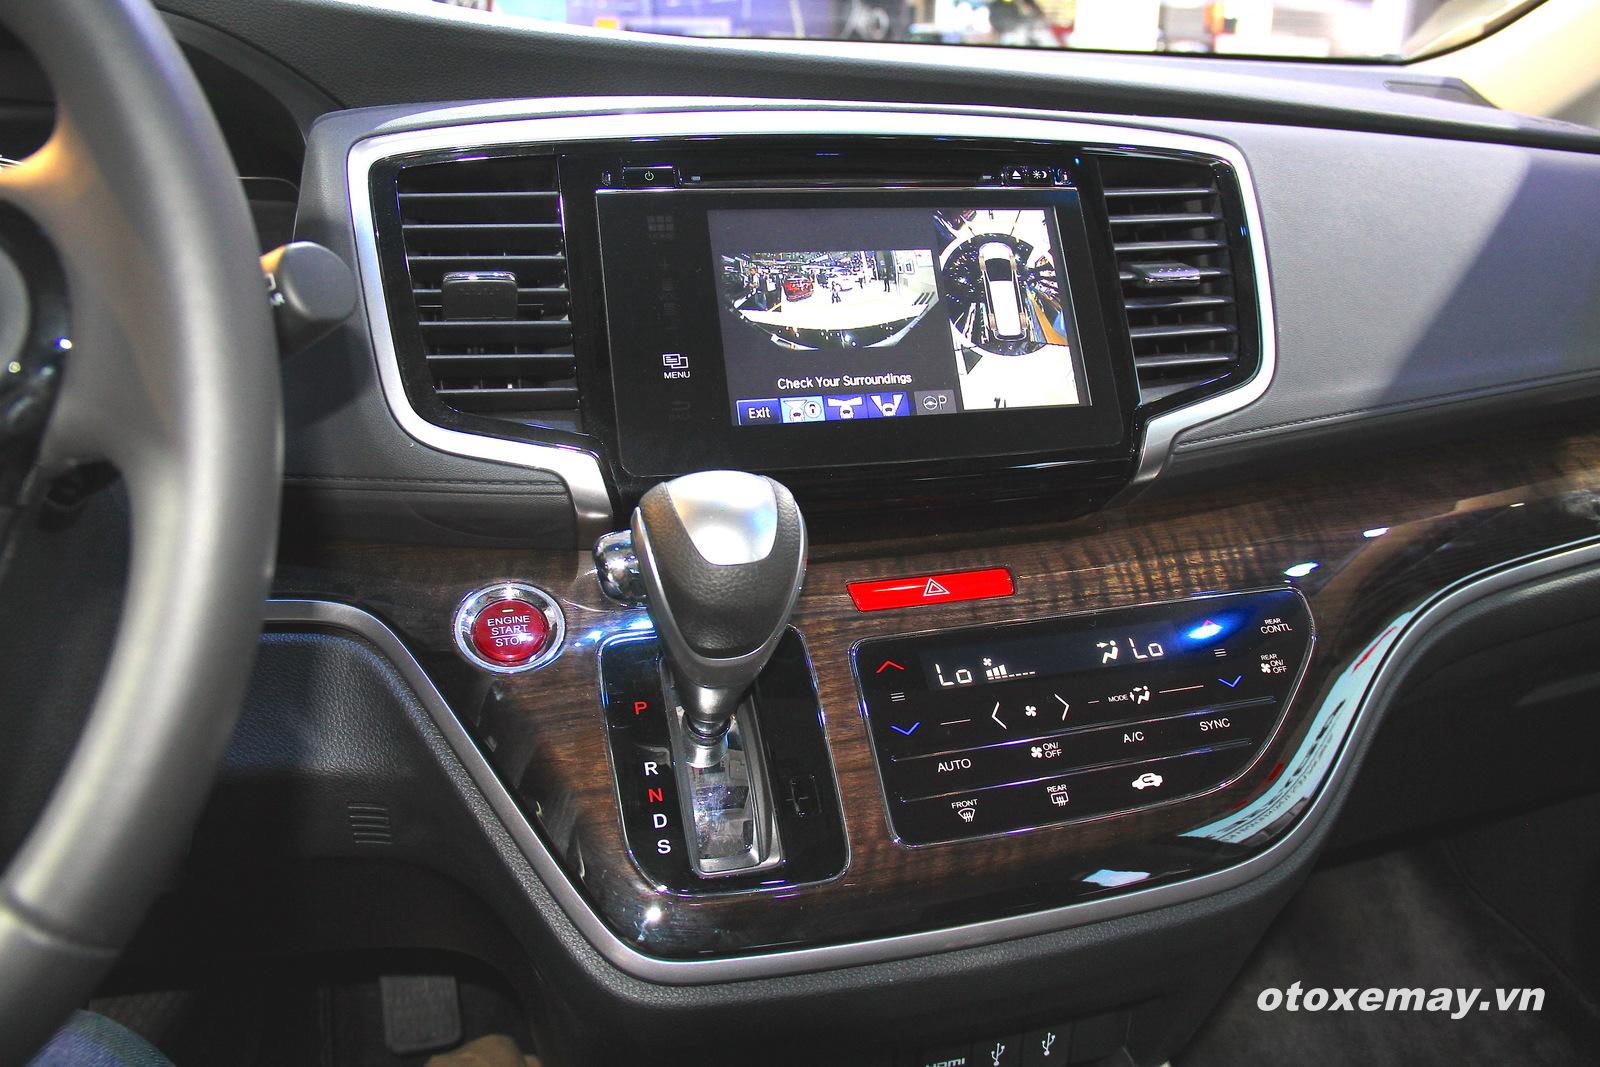 Honda Odyssey tiếp cận khách hàng toàn quốc - ảnh 6